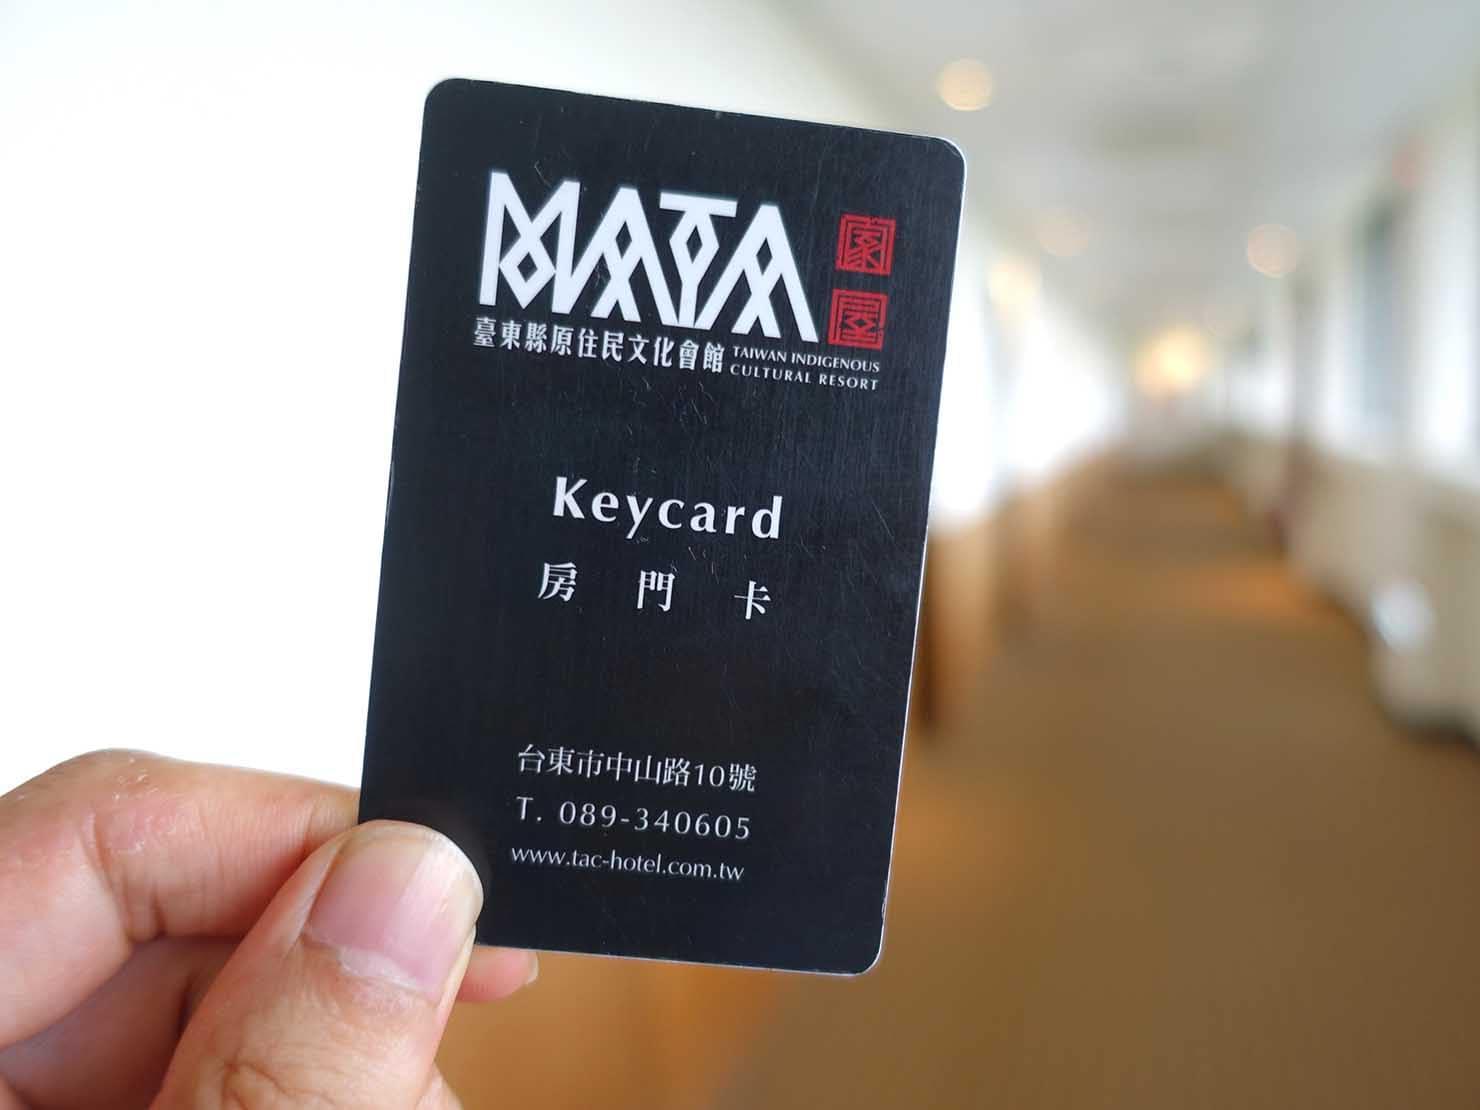 台湾・台東市街のおすすめホテル「MATA家屋」の守護雙人房(ダブルルーム)のカードキー